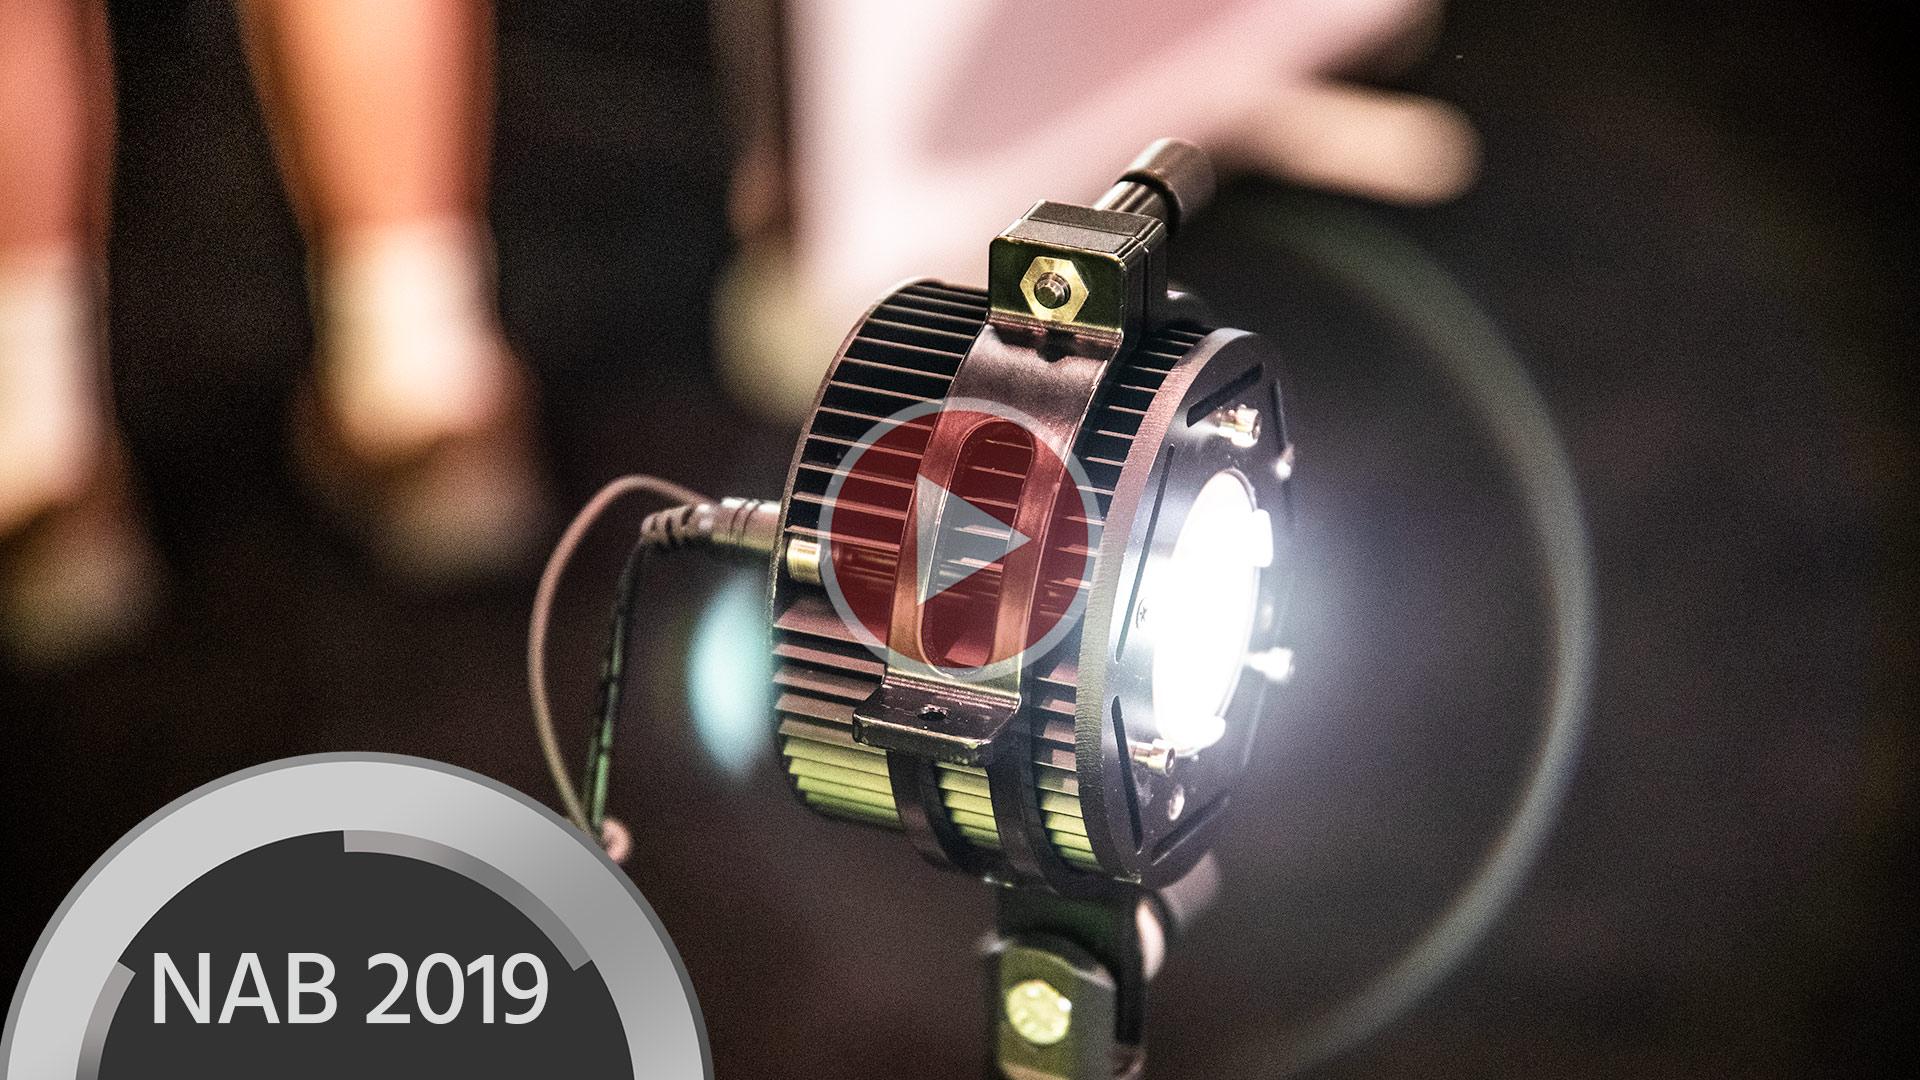 Hive LightingがBumble Bee 25-Cライトを発表